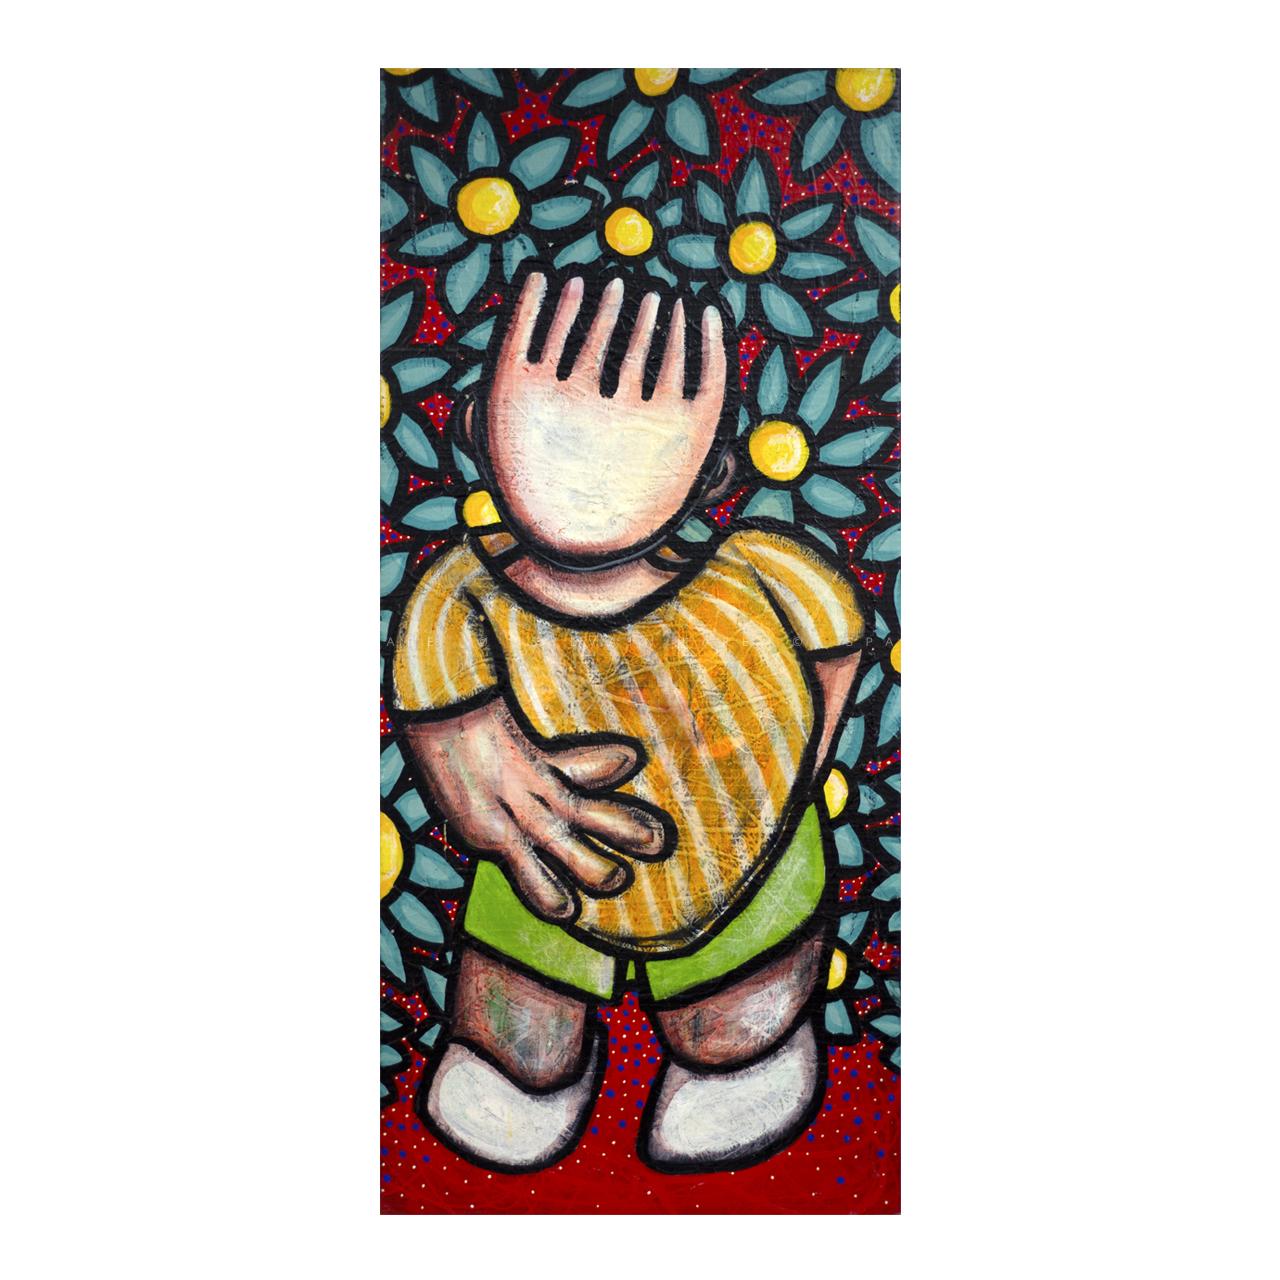 sylvain-pare-spare-artwork-1280x1280_IMG_0262.jpg